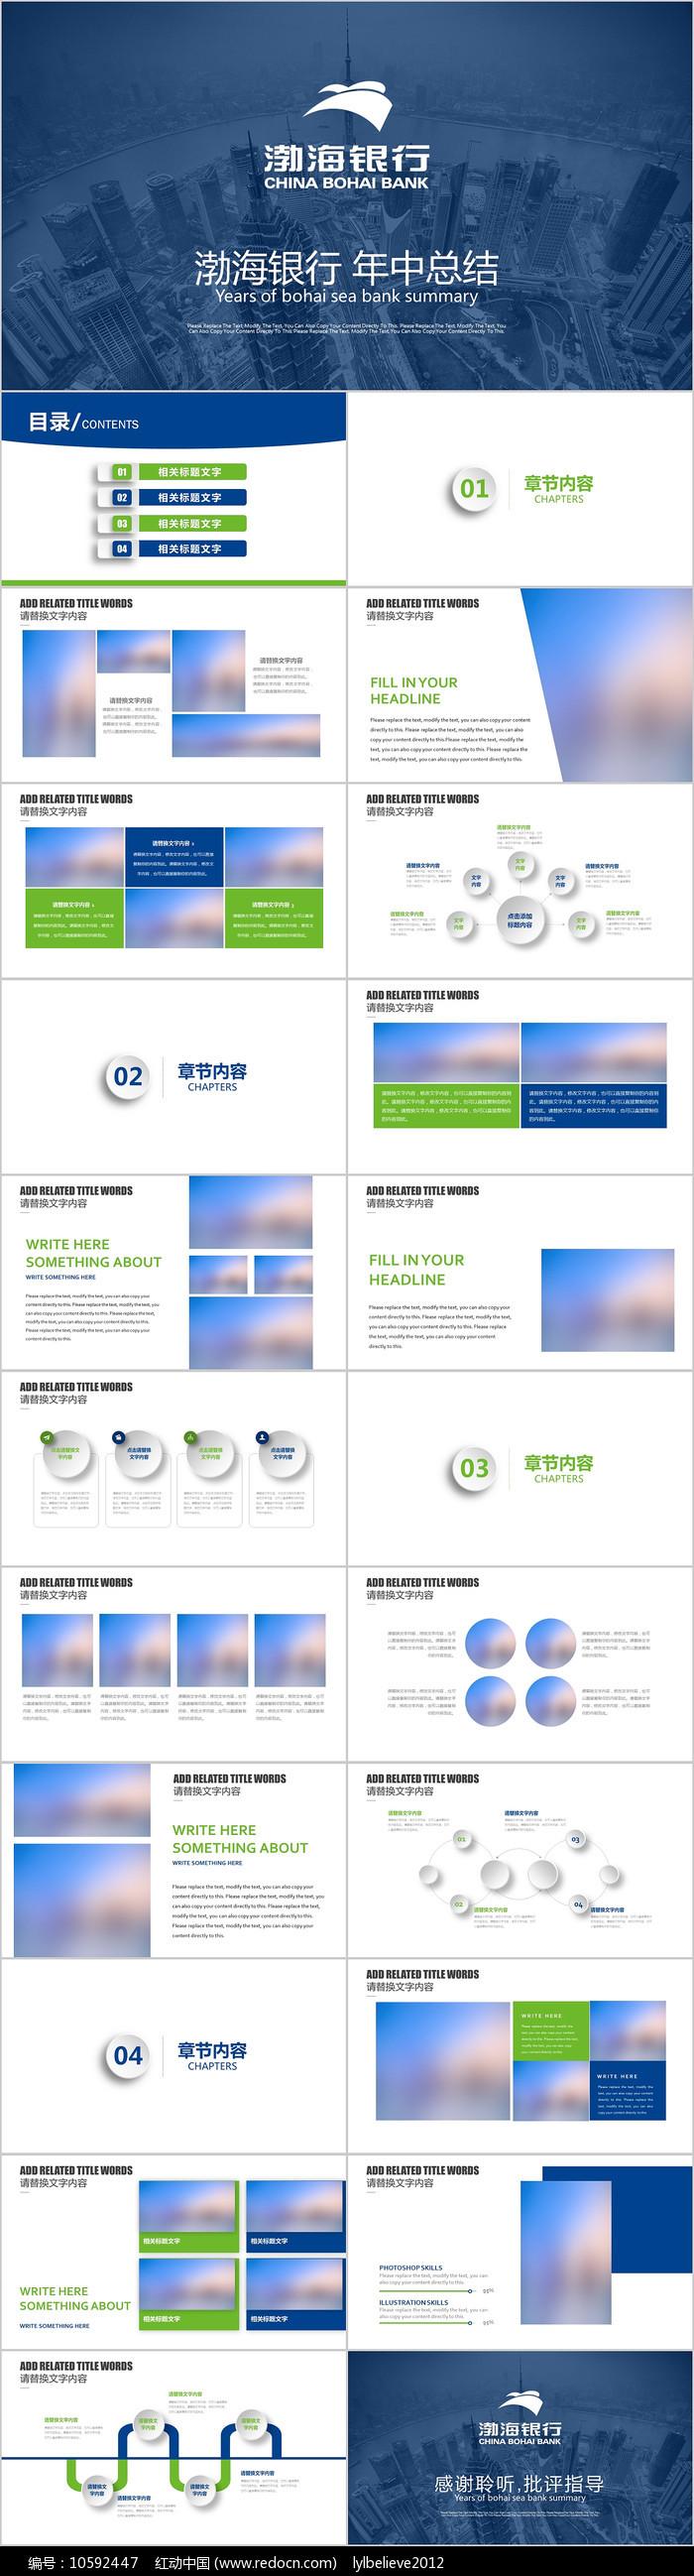 蓝绿色渤海银行工作总结计划汇报ppt图片